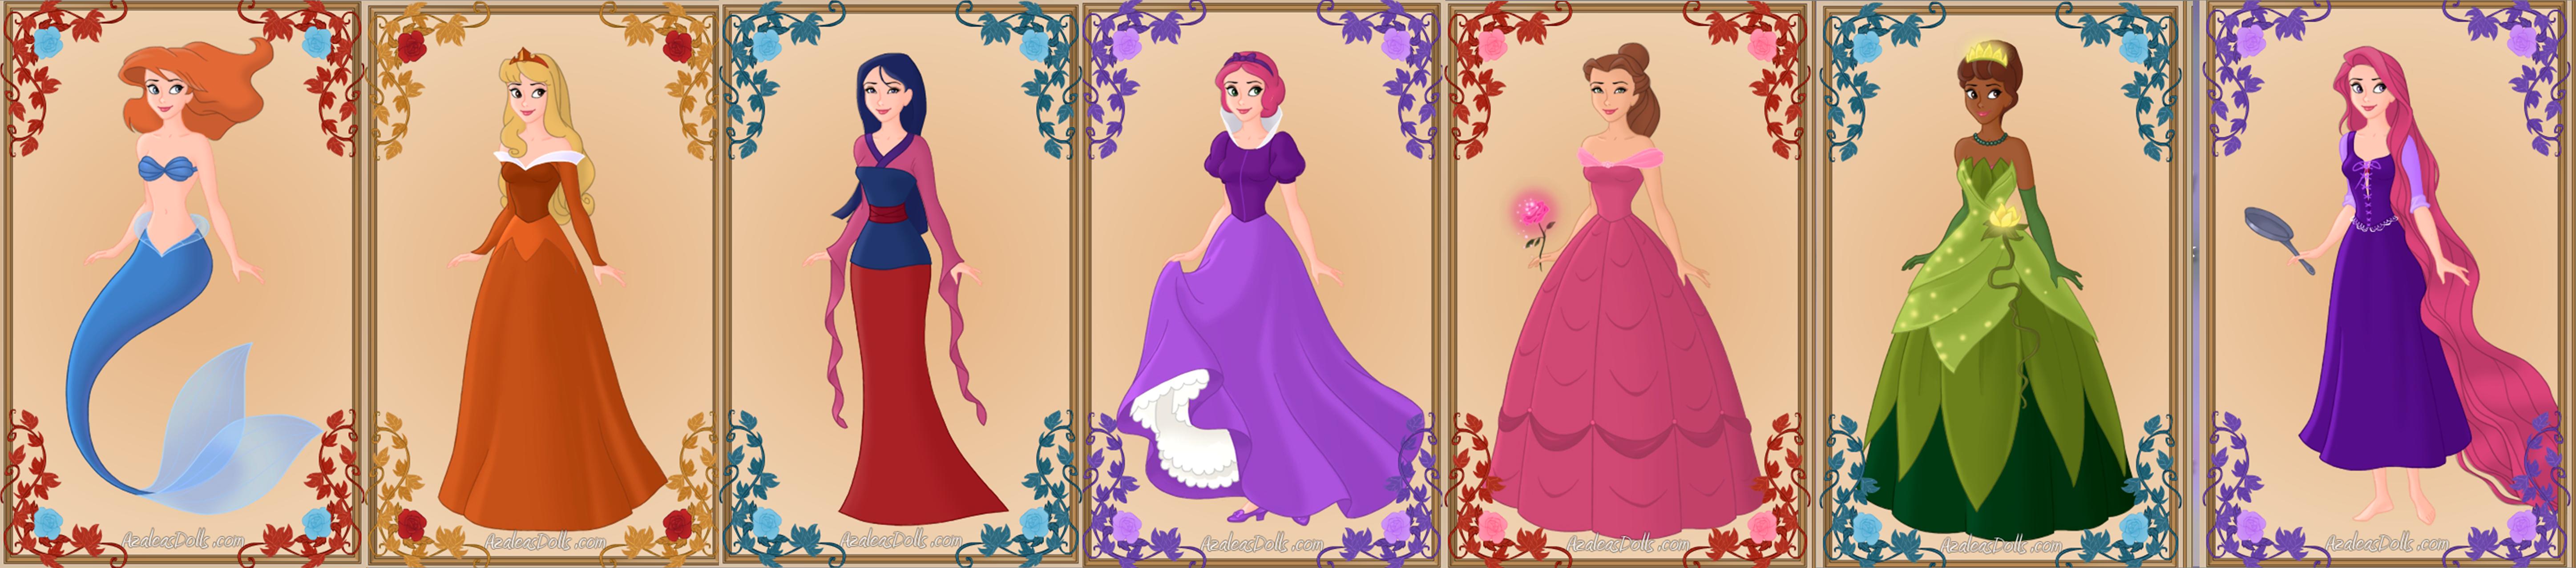 Winx club as disney princesses by percy annabeth99 on deviantart